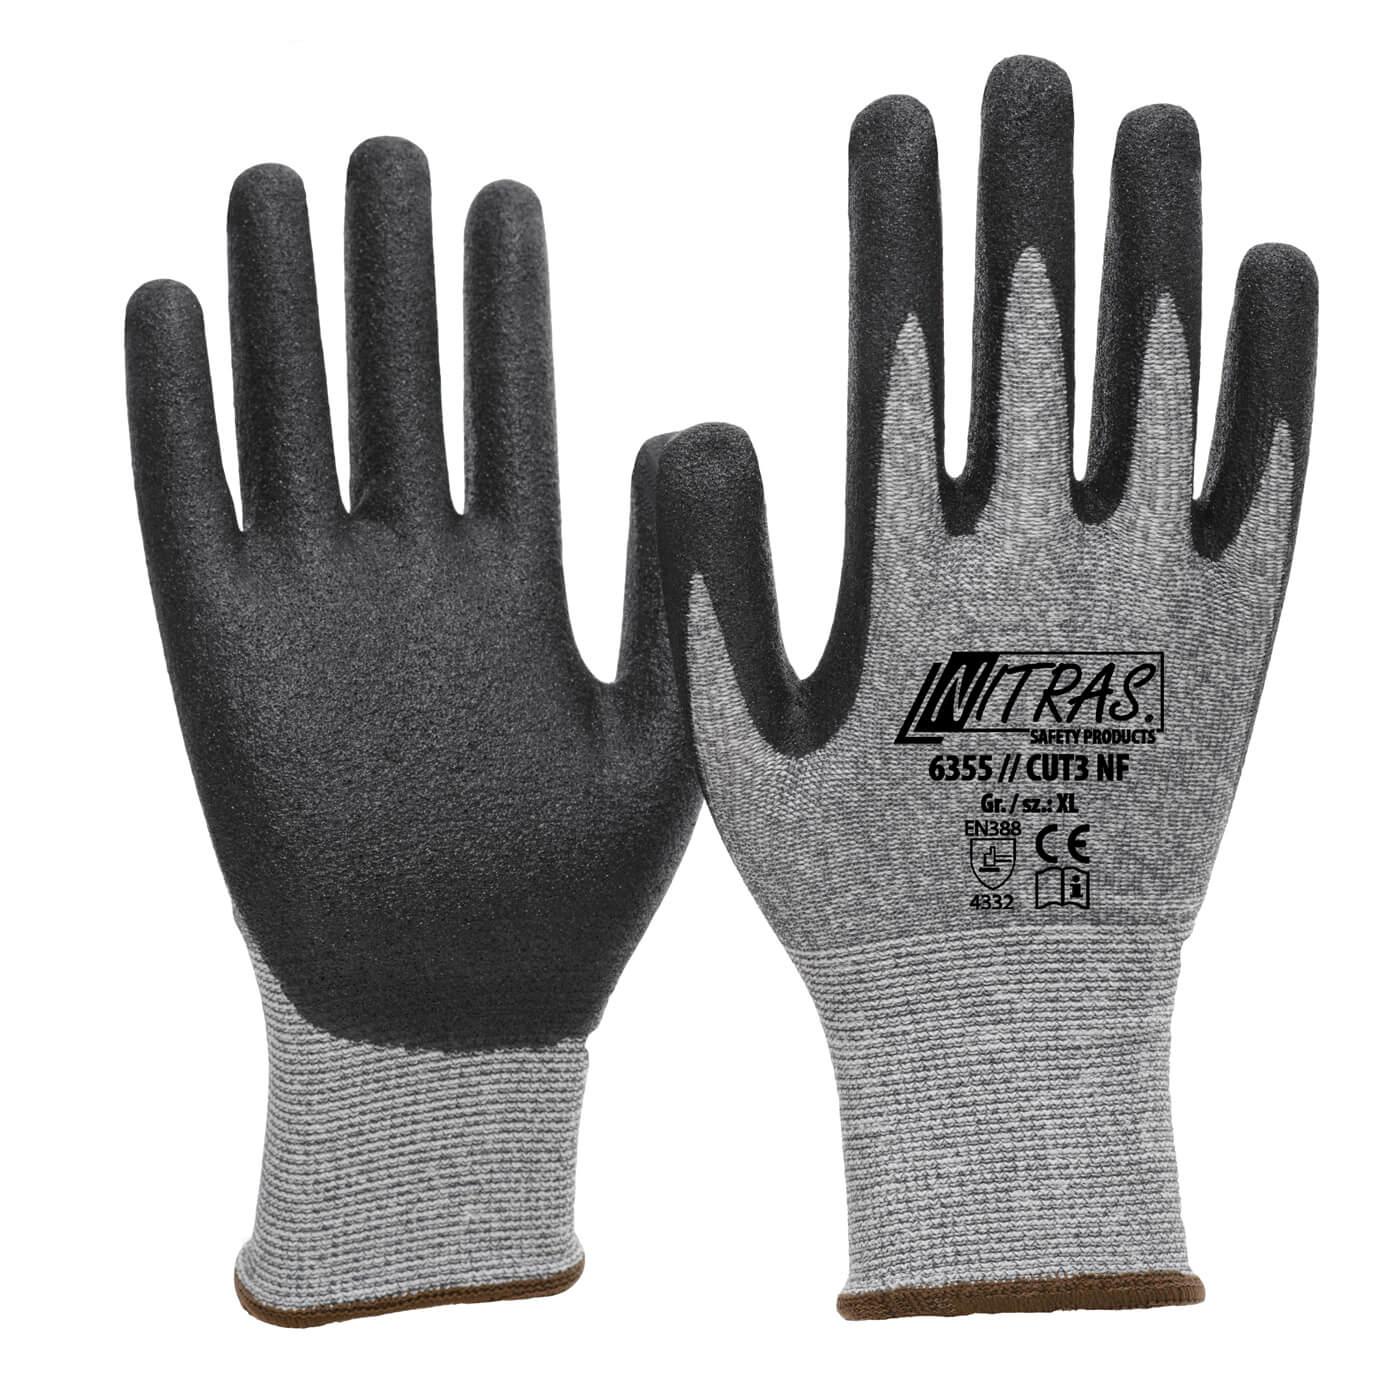 Rękawice antyprzecięciowe Nitras 6355/ CUT3 NF